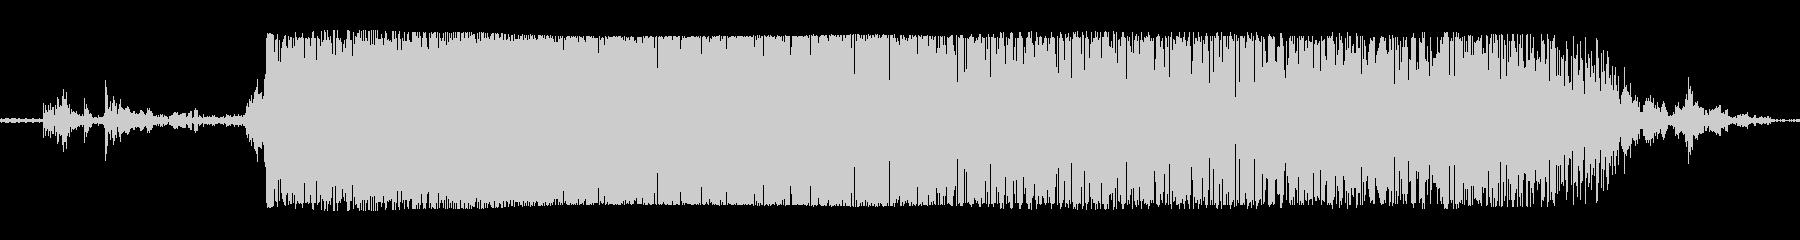 ギターメタルパワーコードzzaの未再生の波形